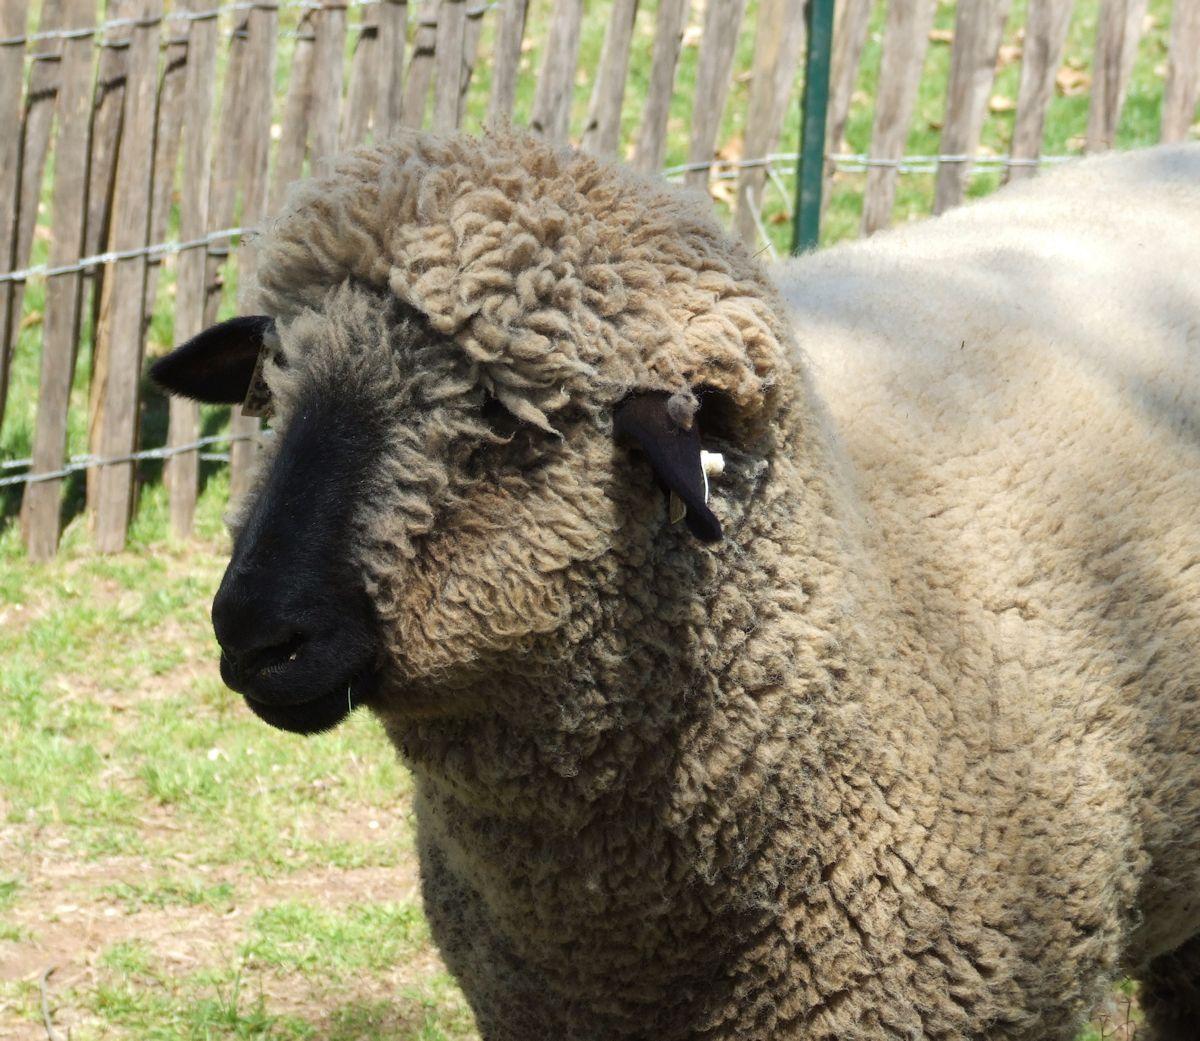 adbb9507e5a820016e85__sheep2.jpg